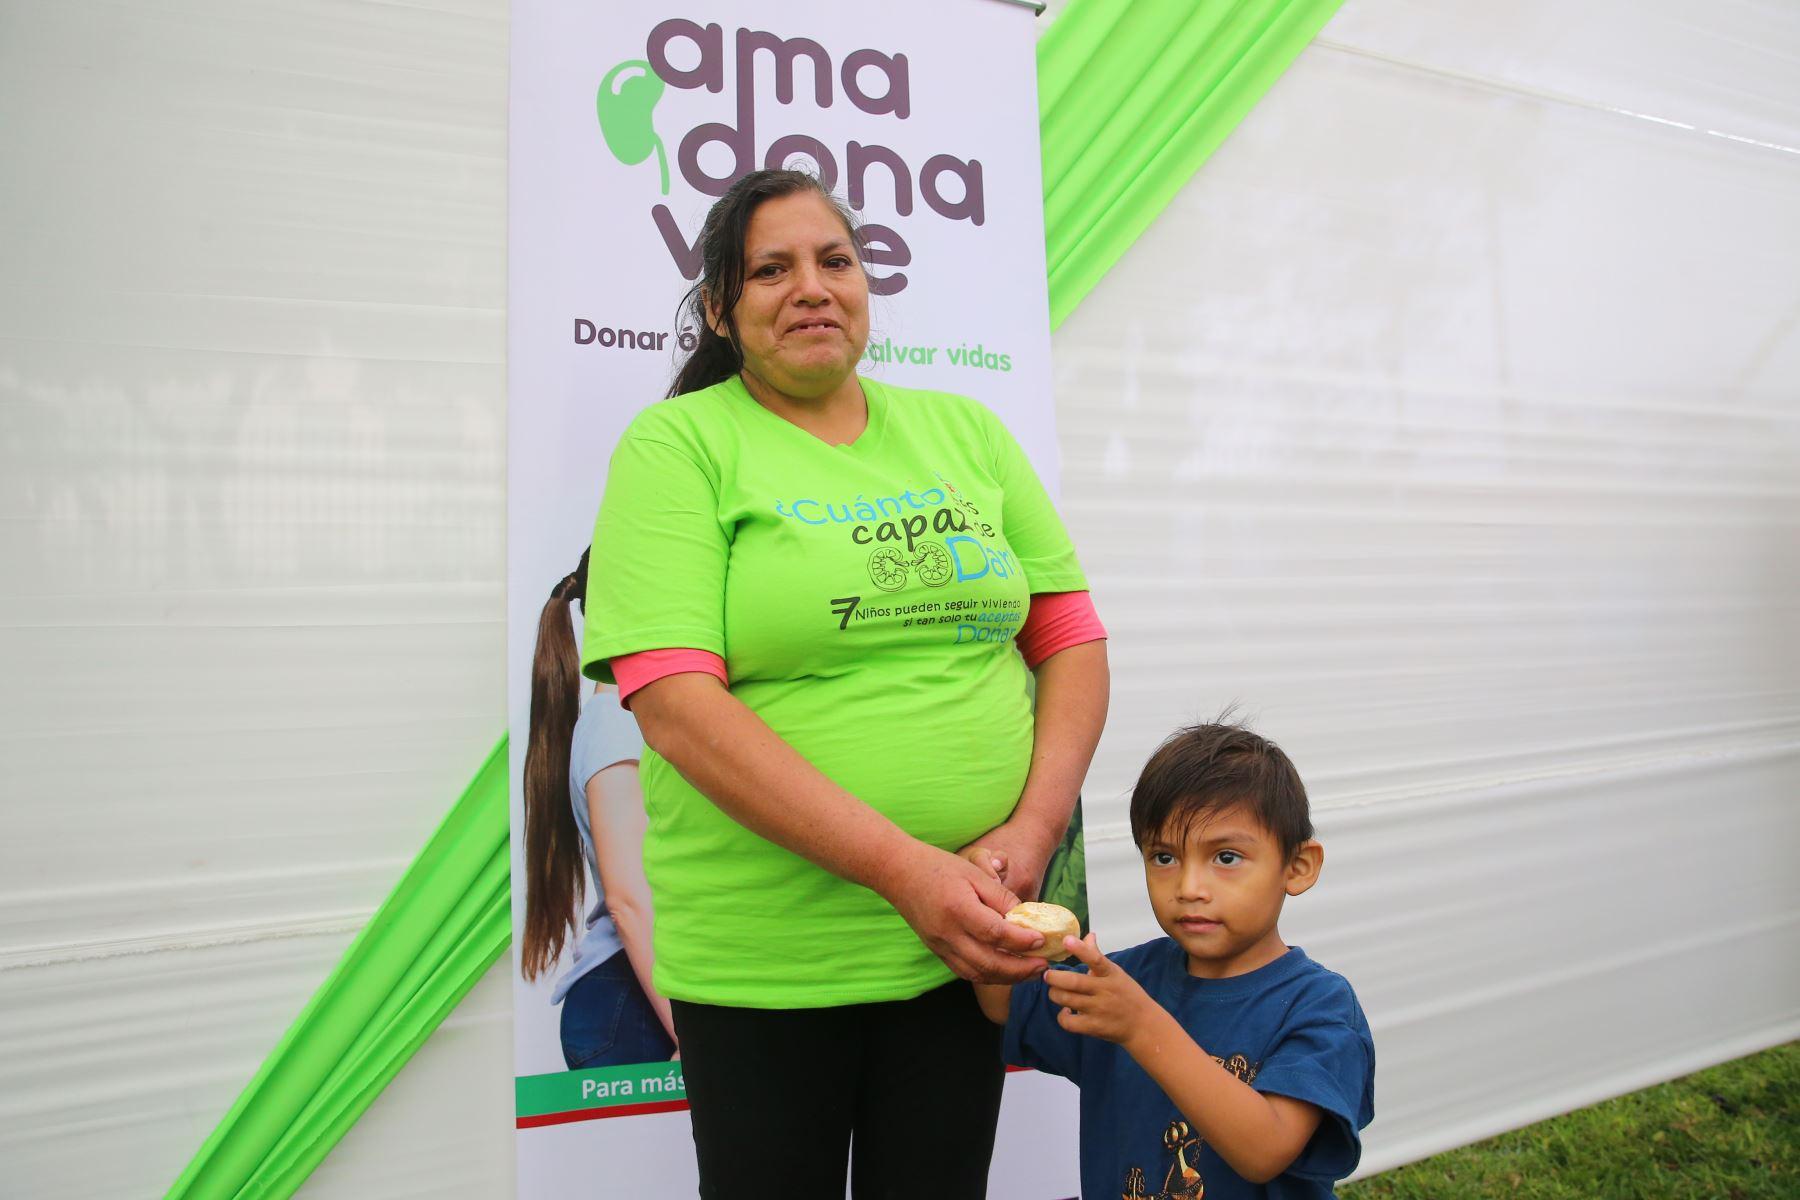 Día Nacional del Donante de Órganos y Tejidos, Enuentro entre familiares de donantes de órganos y receptores. Foto: ANDINA/Vidal Tarqui